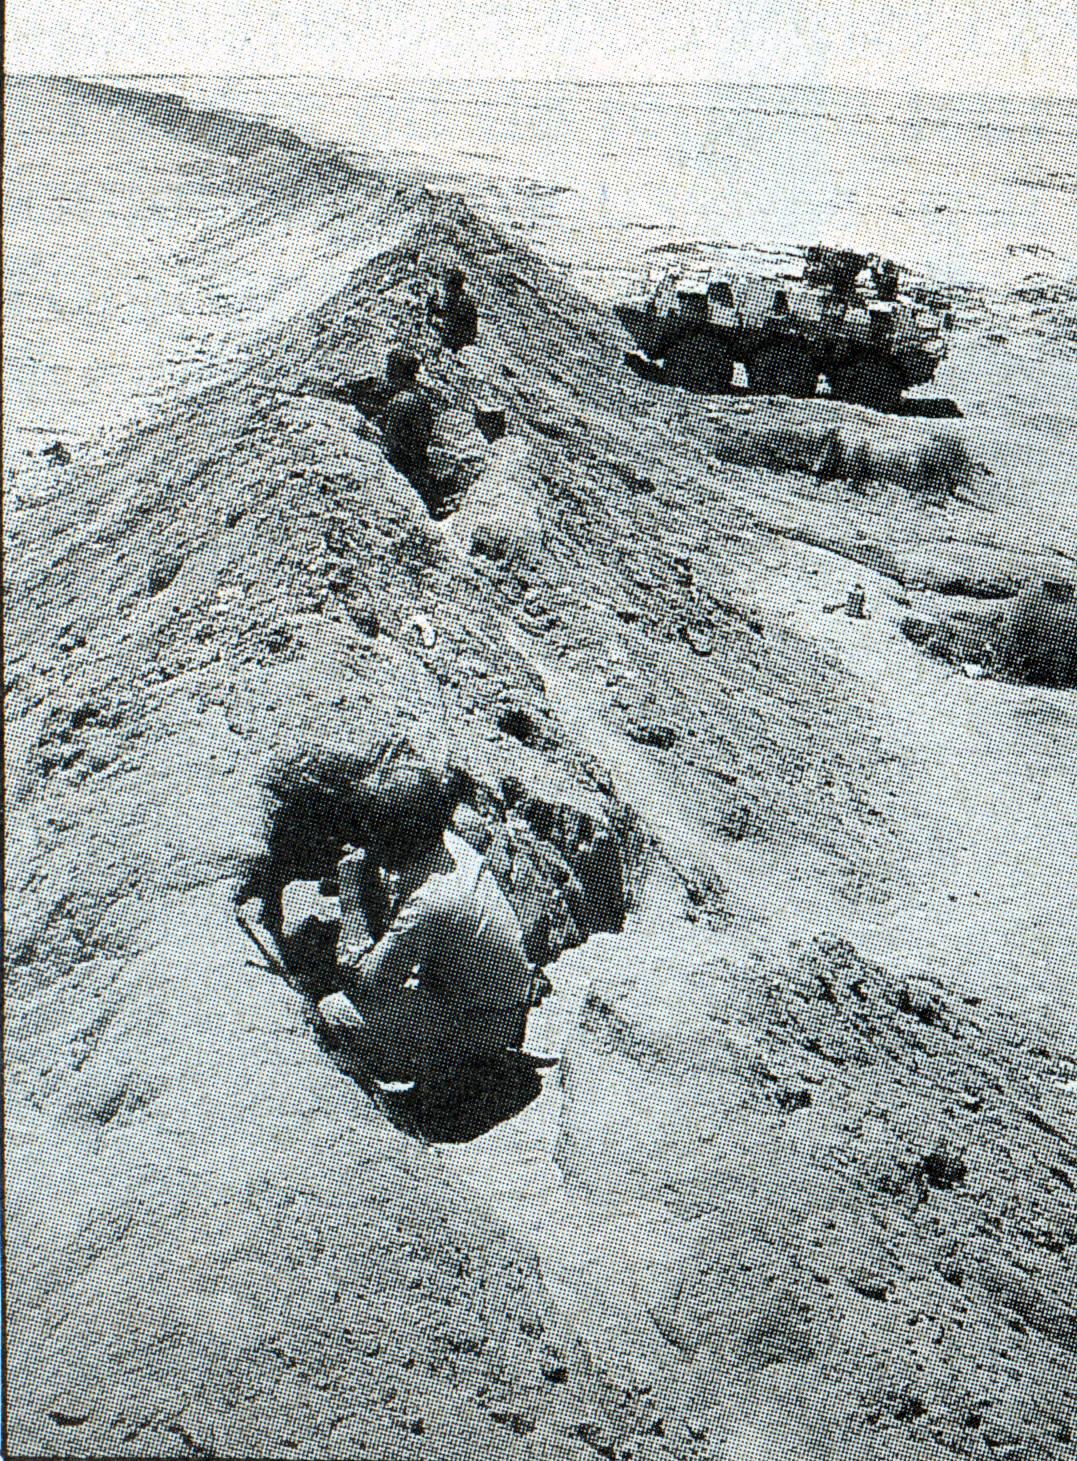 Le conflit armé du sahara marocain - Page 11 Clipbo76